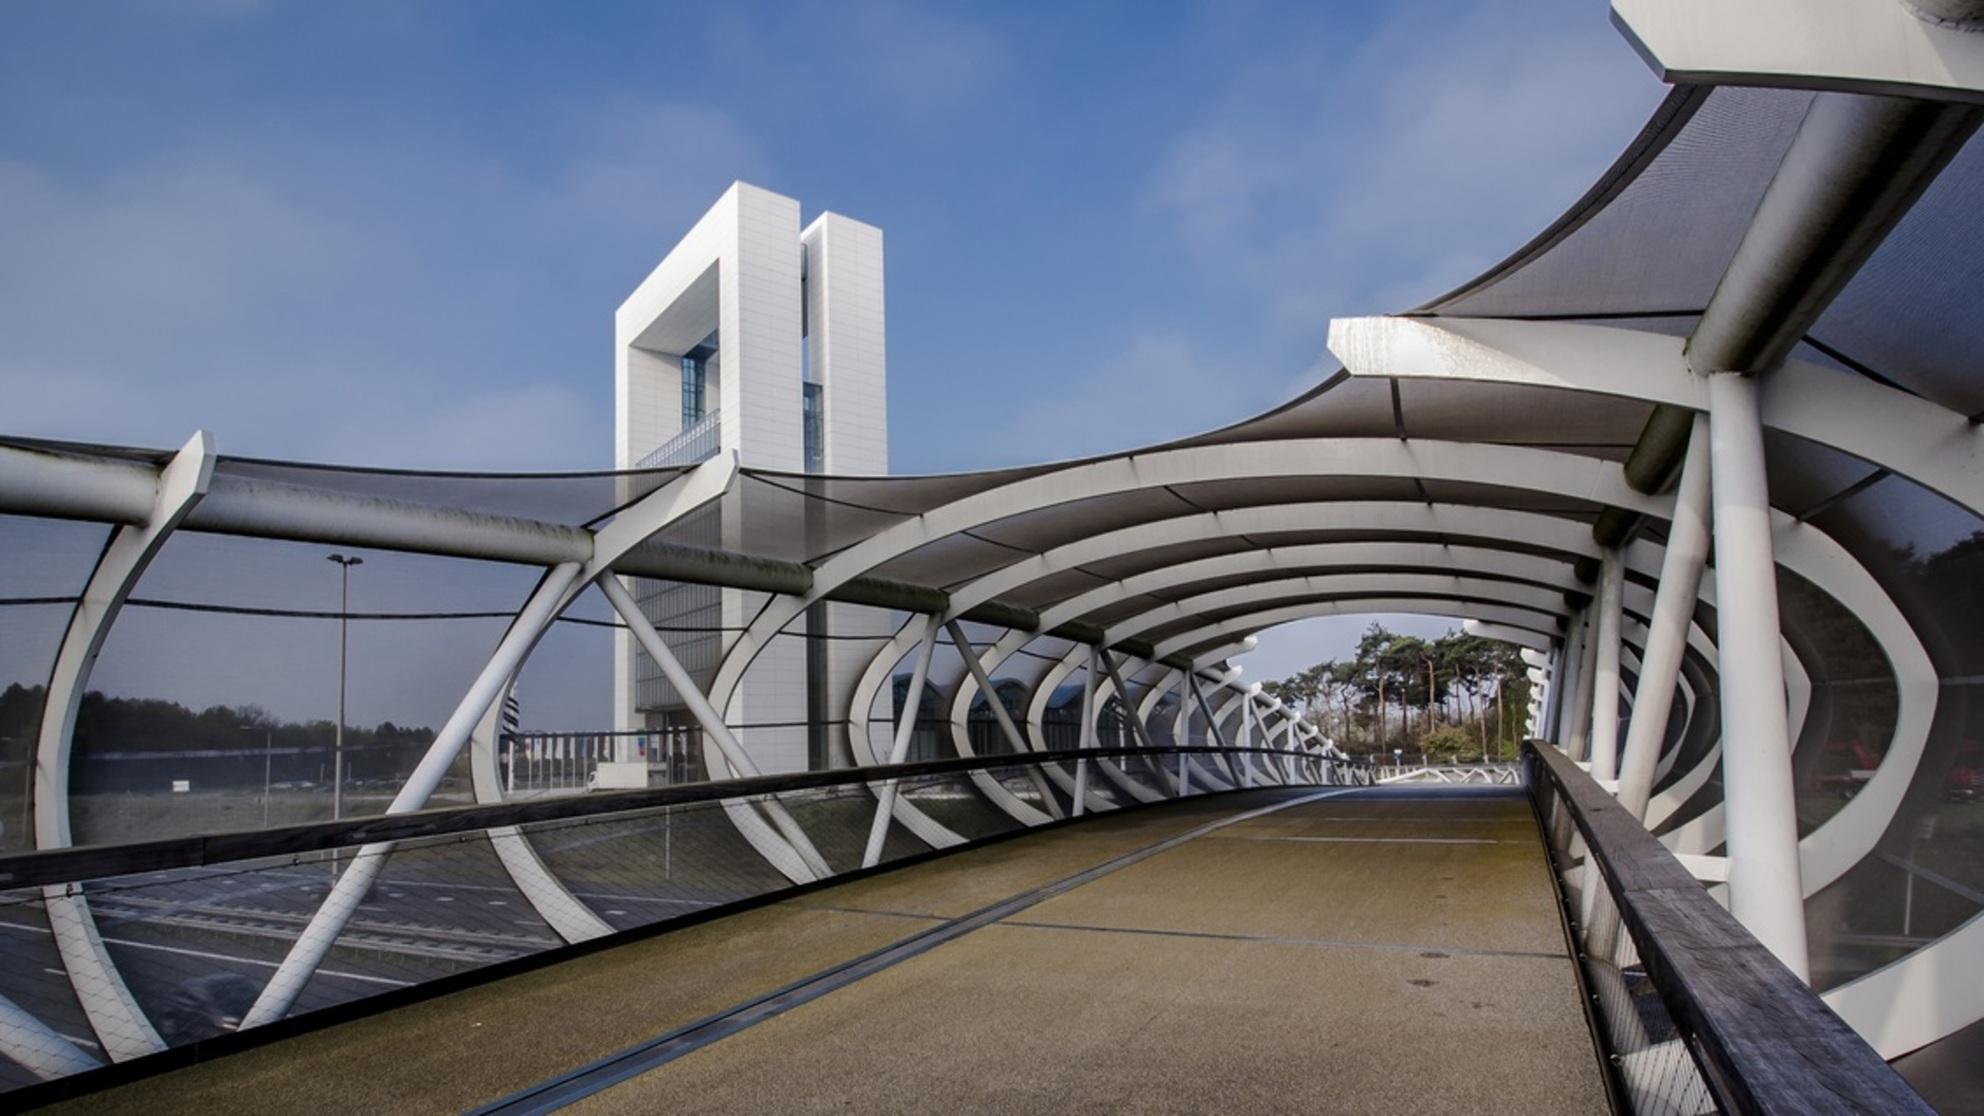 Innovatoren - Innovatoren,  Al eerder geplaatst in z/w, nu in kleur. Wat is jullie voorkeur??? - foto door HenkPijnappels op 05-06-2015 - deze foto bevat: architectuur - Deze foto mag gebruikt worden in een Zoom.nl publicatie